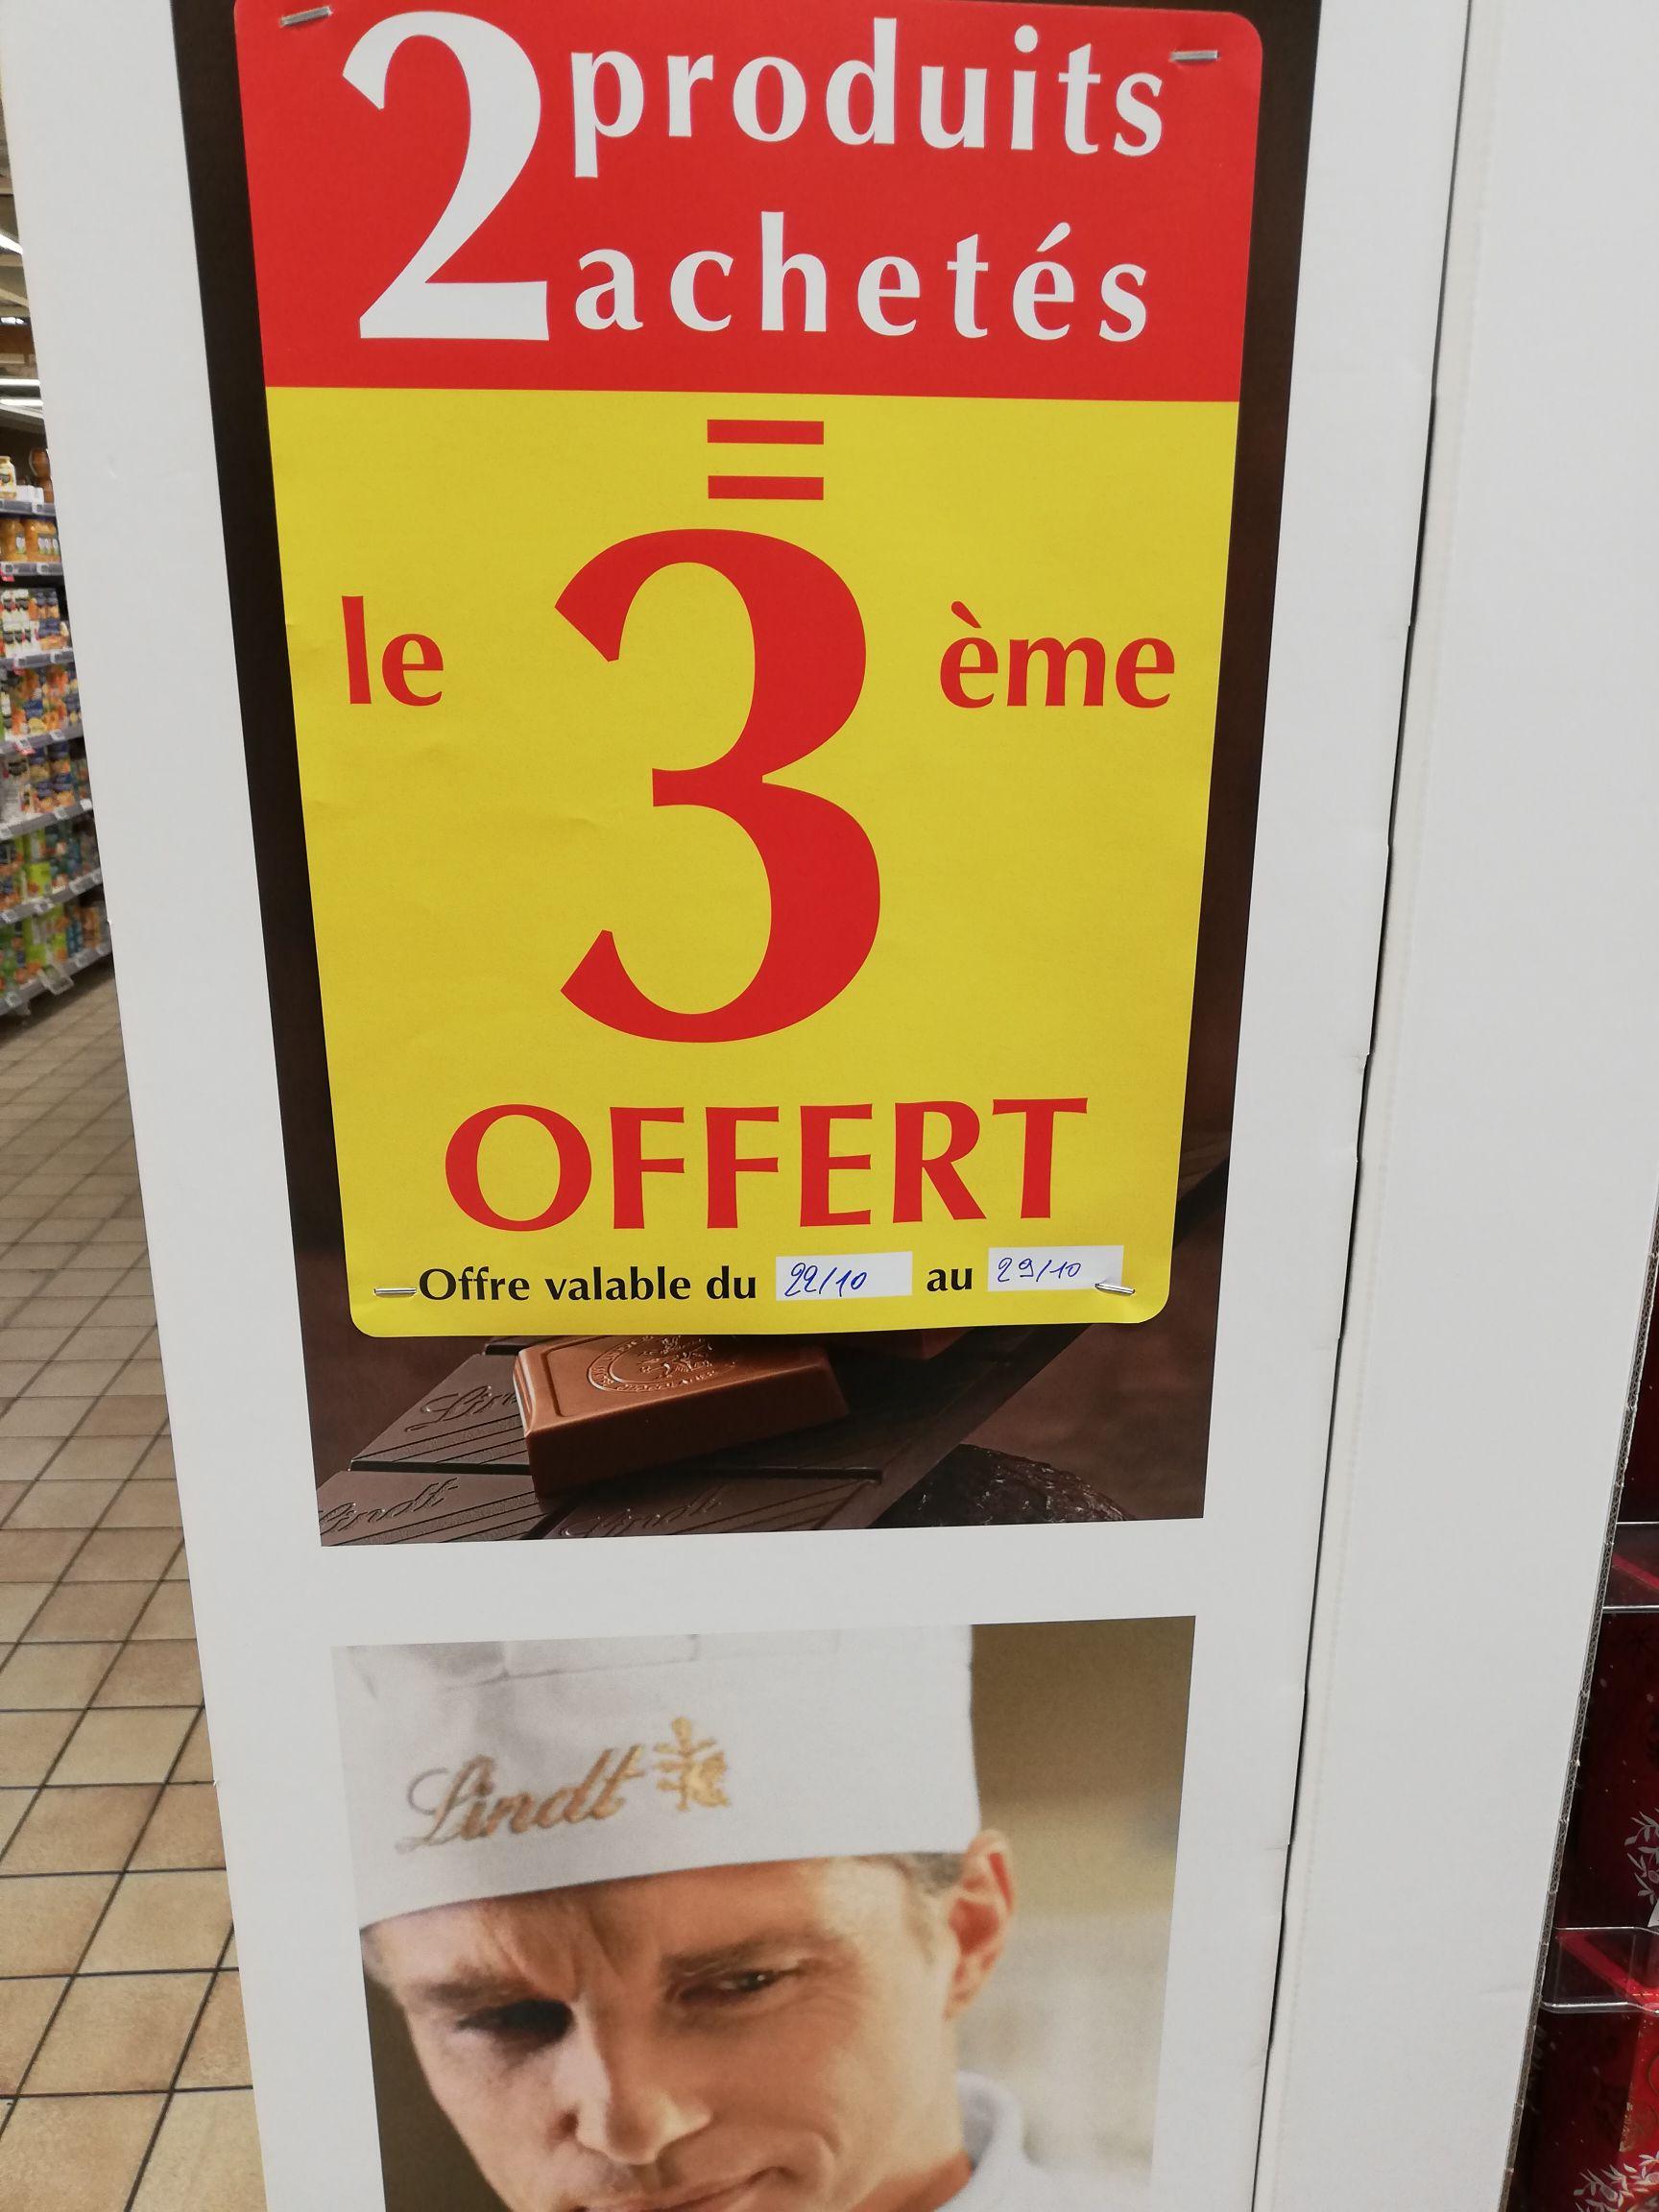 2 Produits Lindt achetés = Le troisième offert - Auchan la sapinière (54)